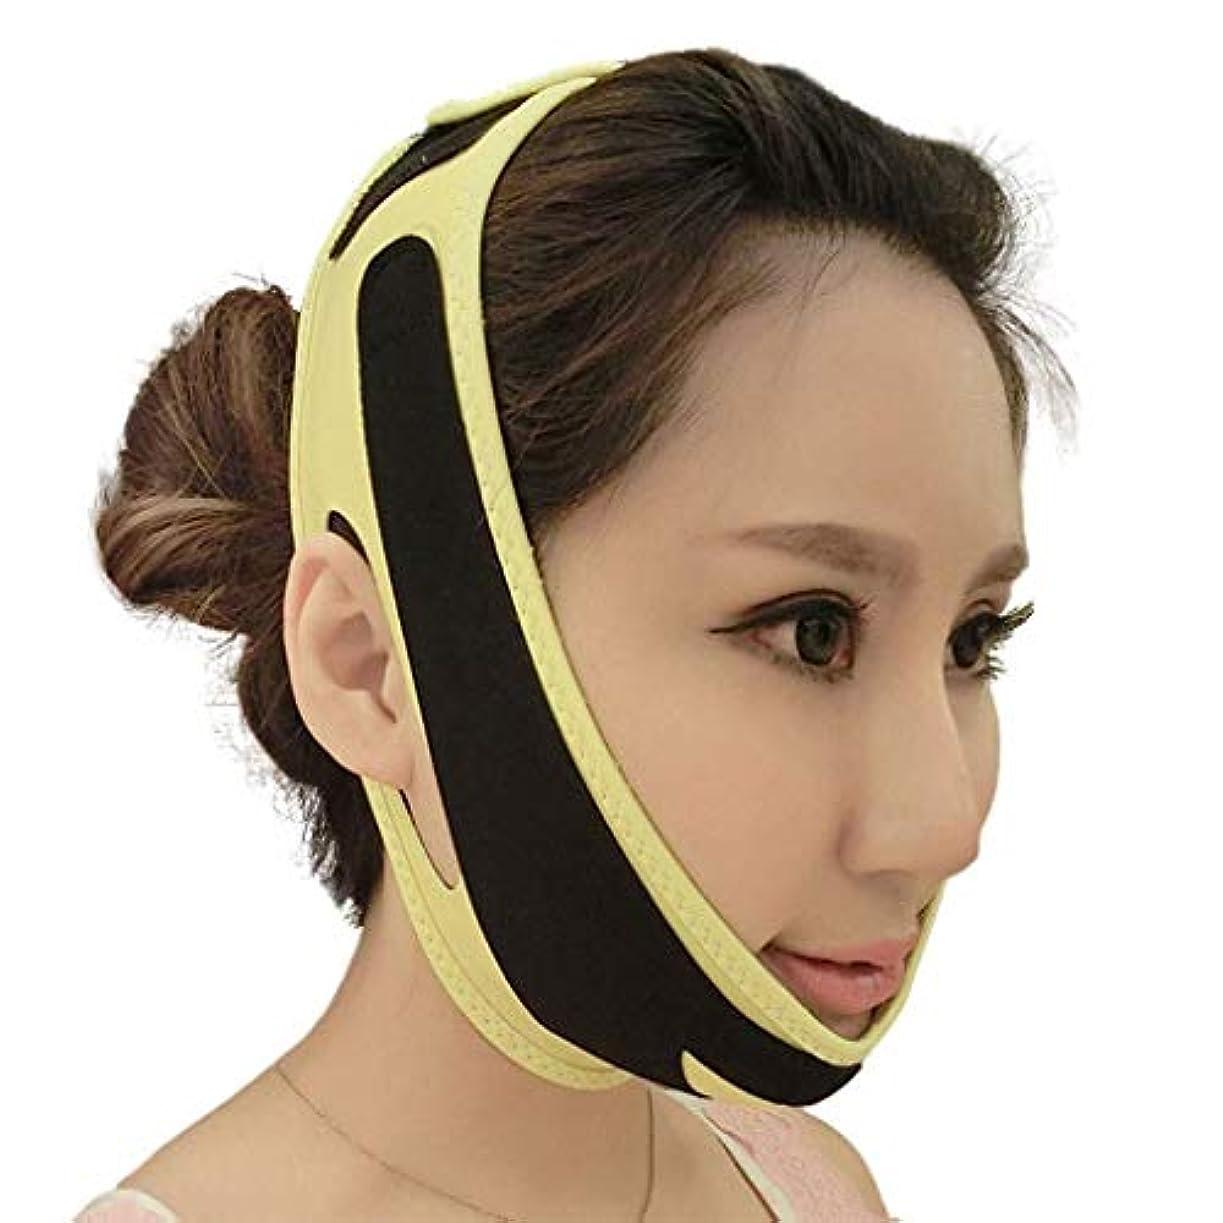 重量膨張するくしゃくしゃ顔の持ち上がる細くの伸縮性があるベルト、 フェイススリミングマスク、フェイスリフト包帯Vフェイスベルトフェイスリフトバンド 女性用バンドを持ち上げる